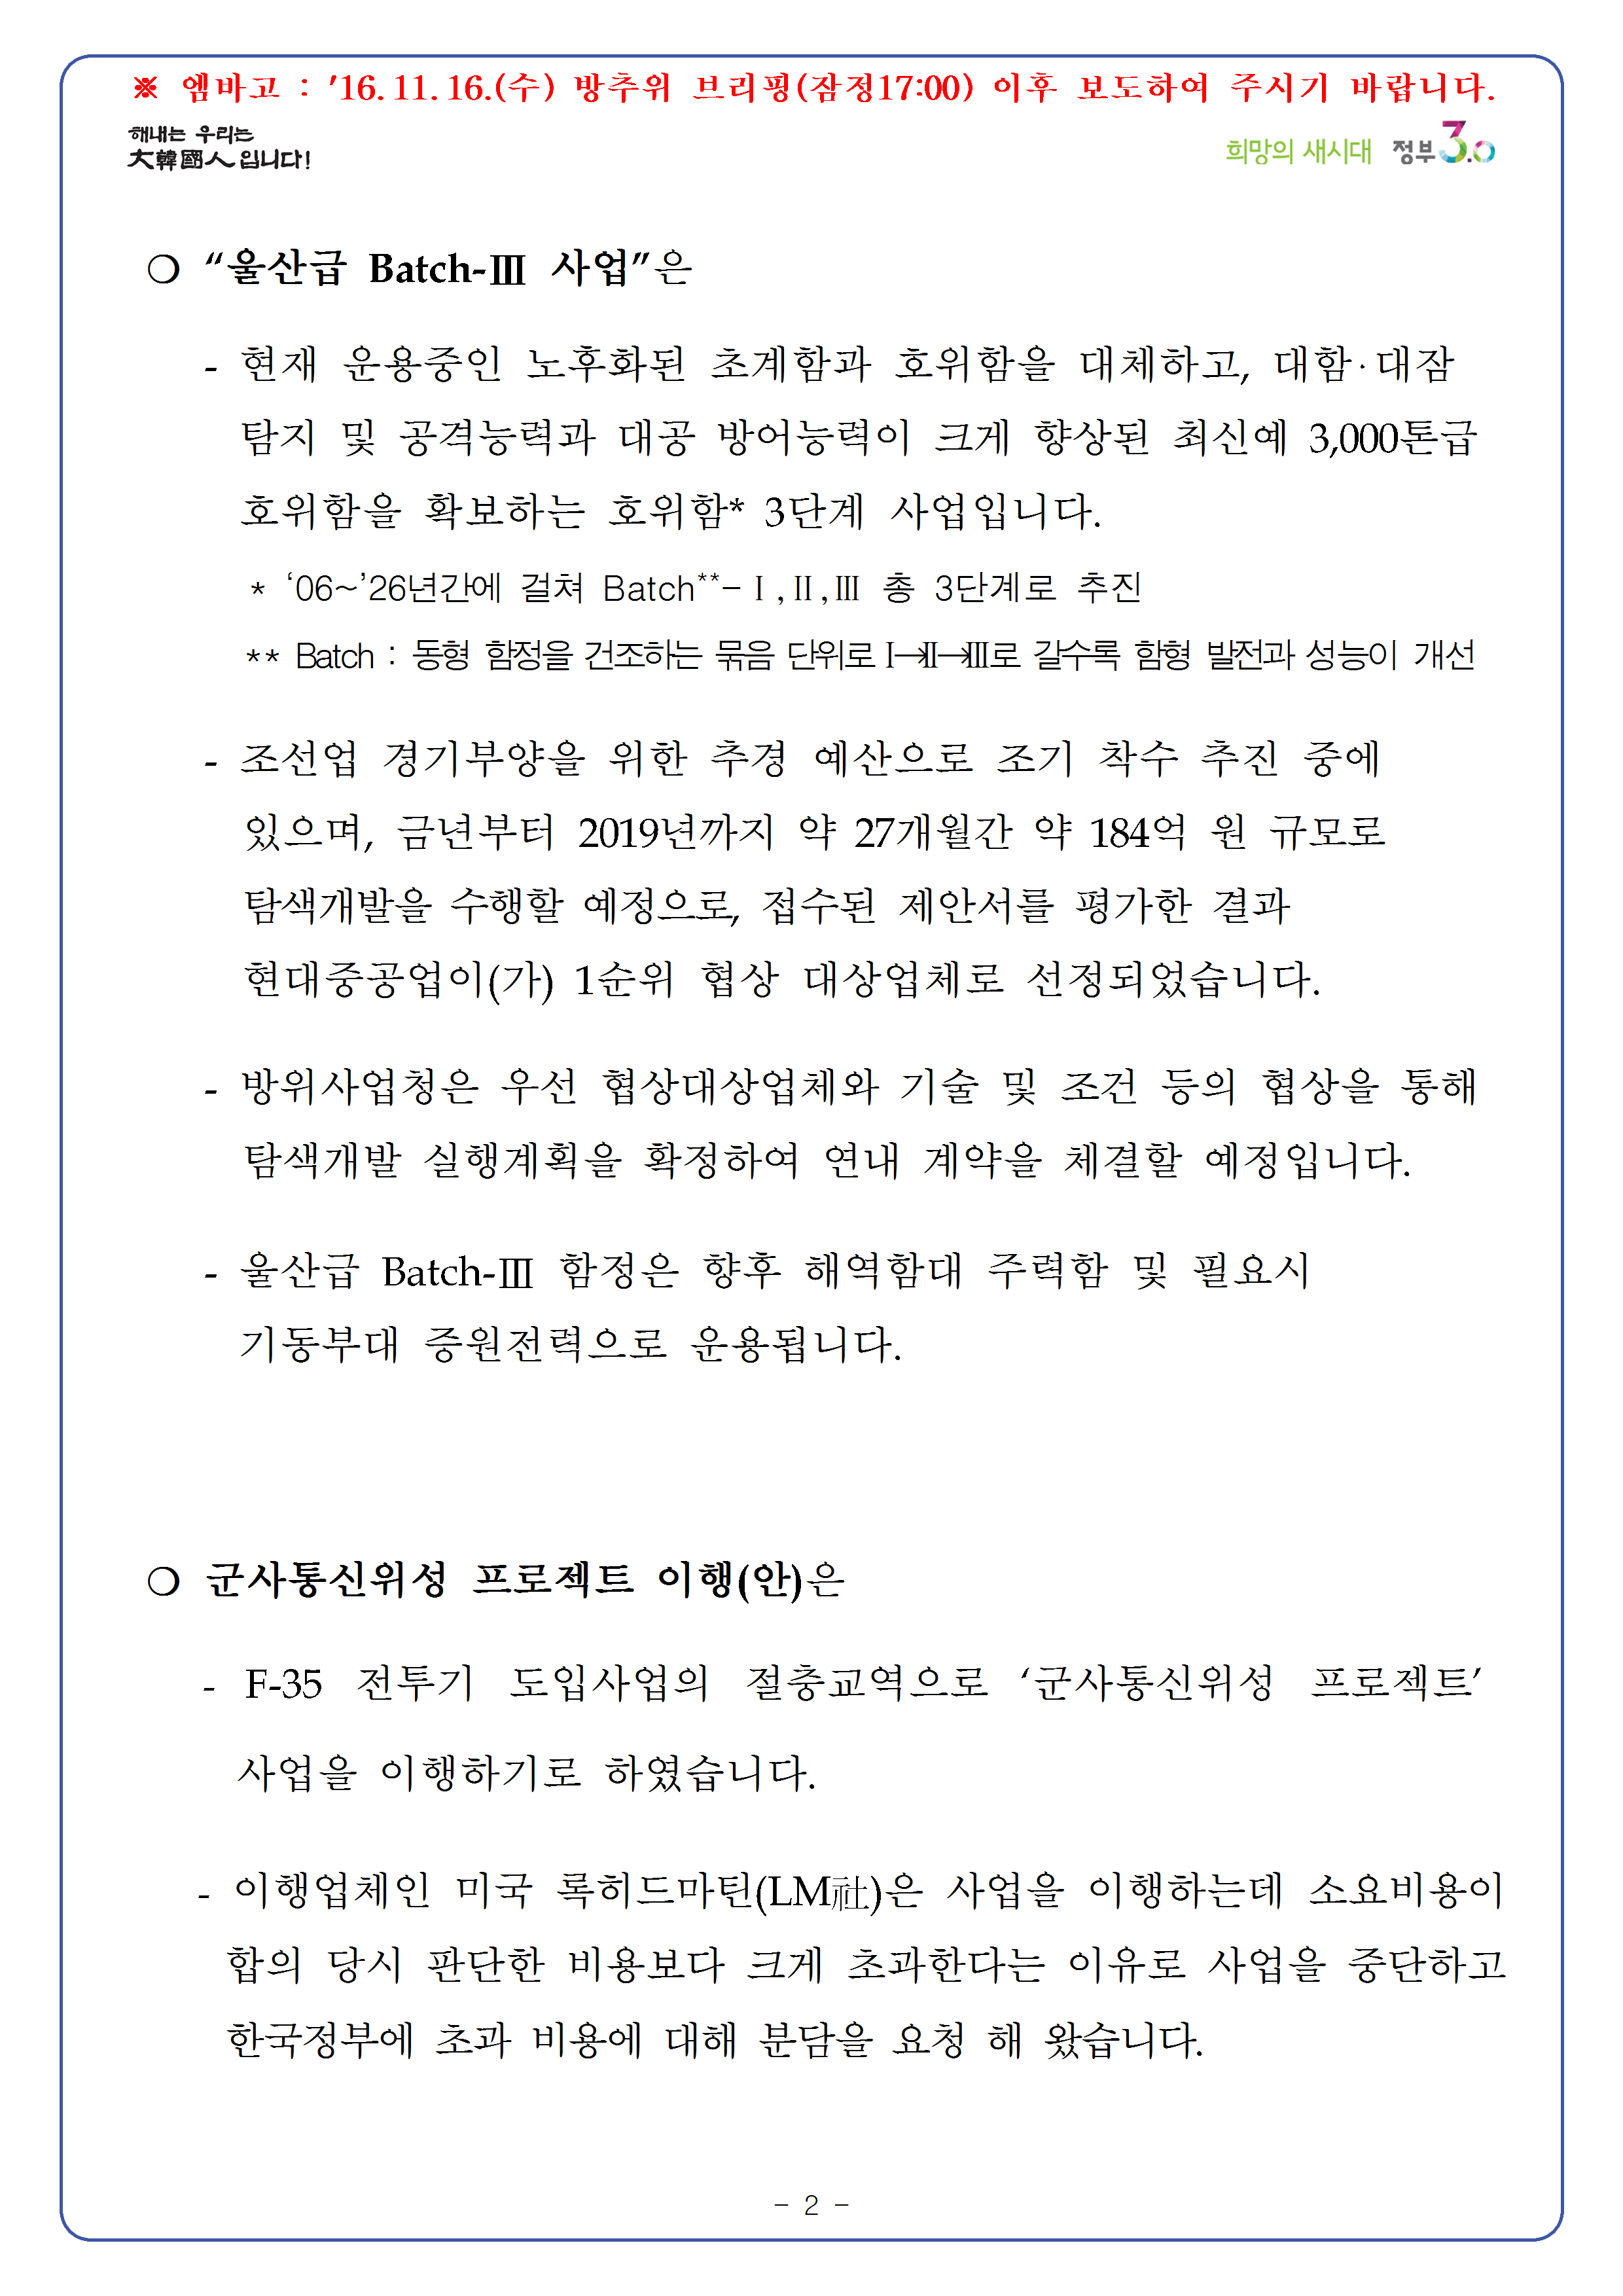 20161116_제97회 방위사업추진위원회 개최결과_1안002.png